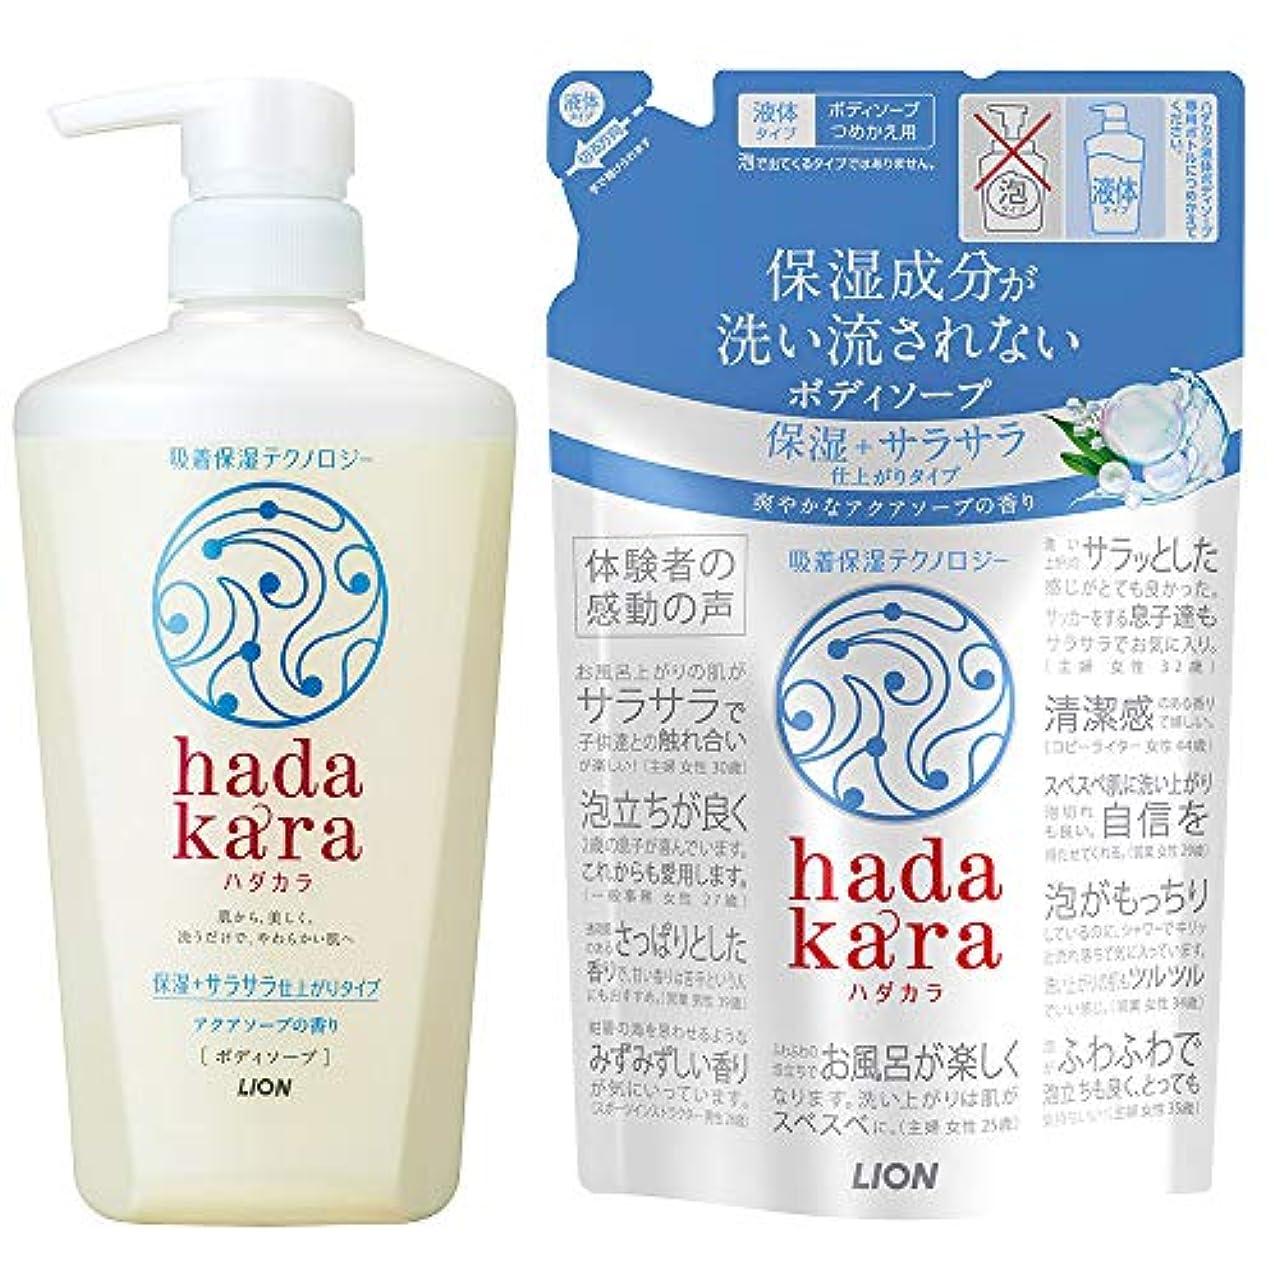 抽象化反応する深めるhadakara(ハダカラ) ボディソープ 保湿+サラサラ仕上がりタイプ アクアソープの香り (本体480ml+つめかえ340ml) アクアソープ(保湿+サラサラ仕上がり) +